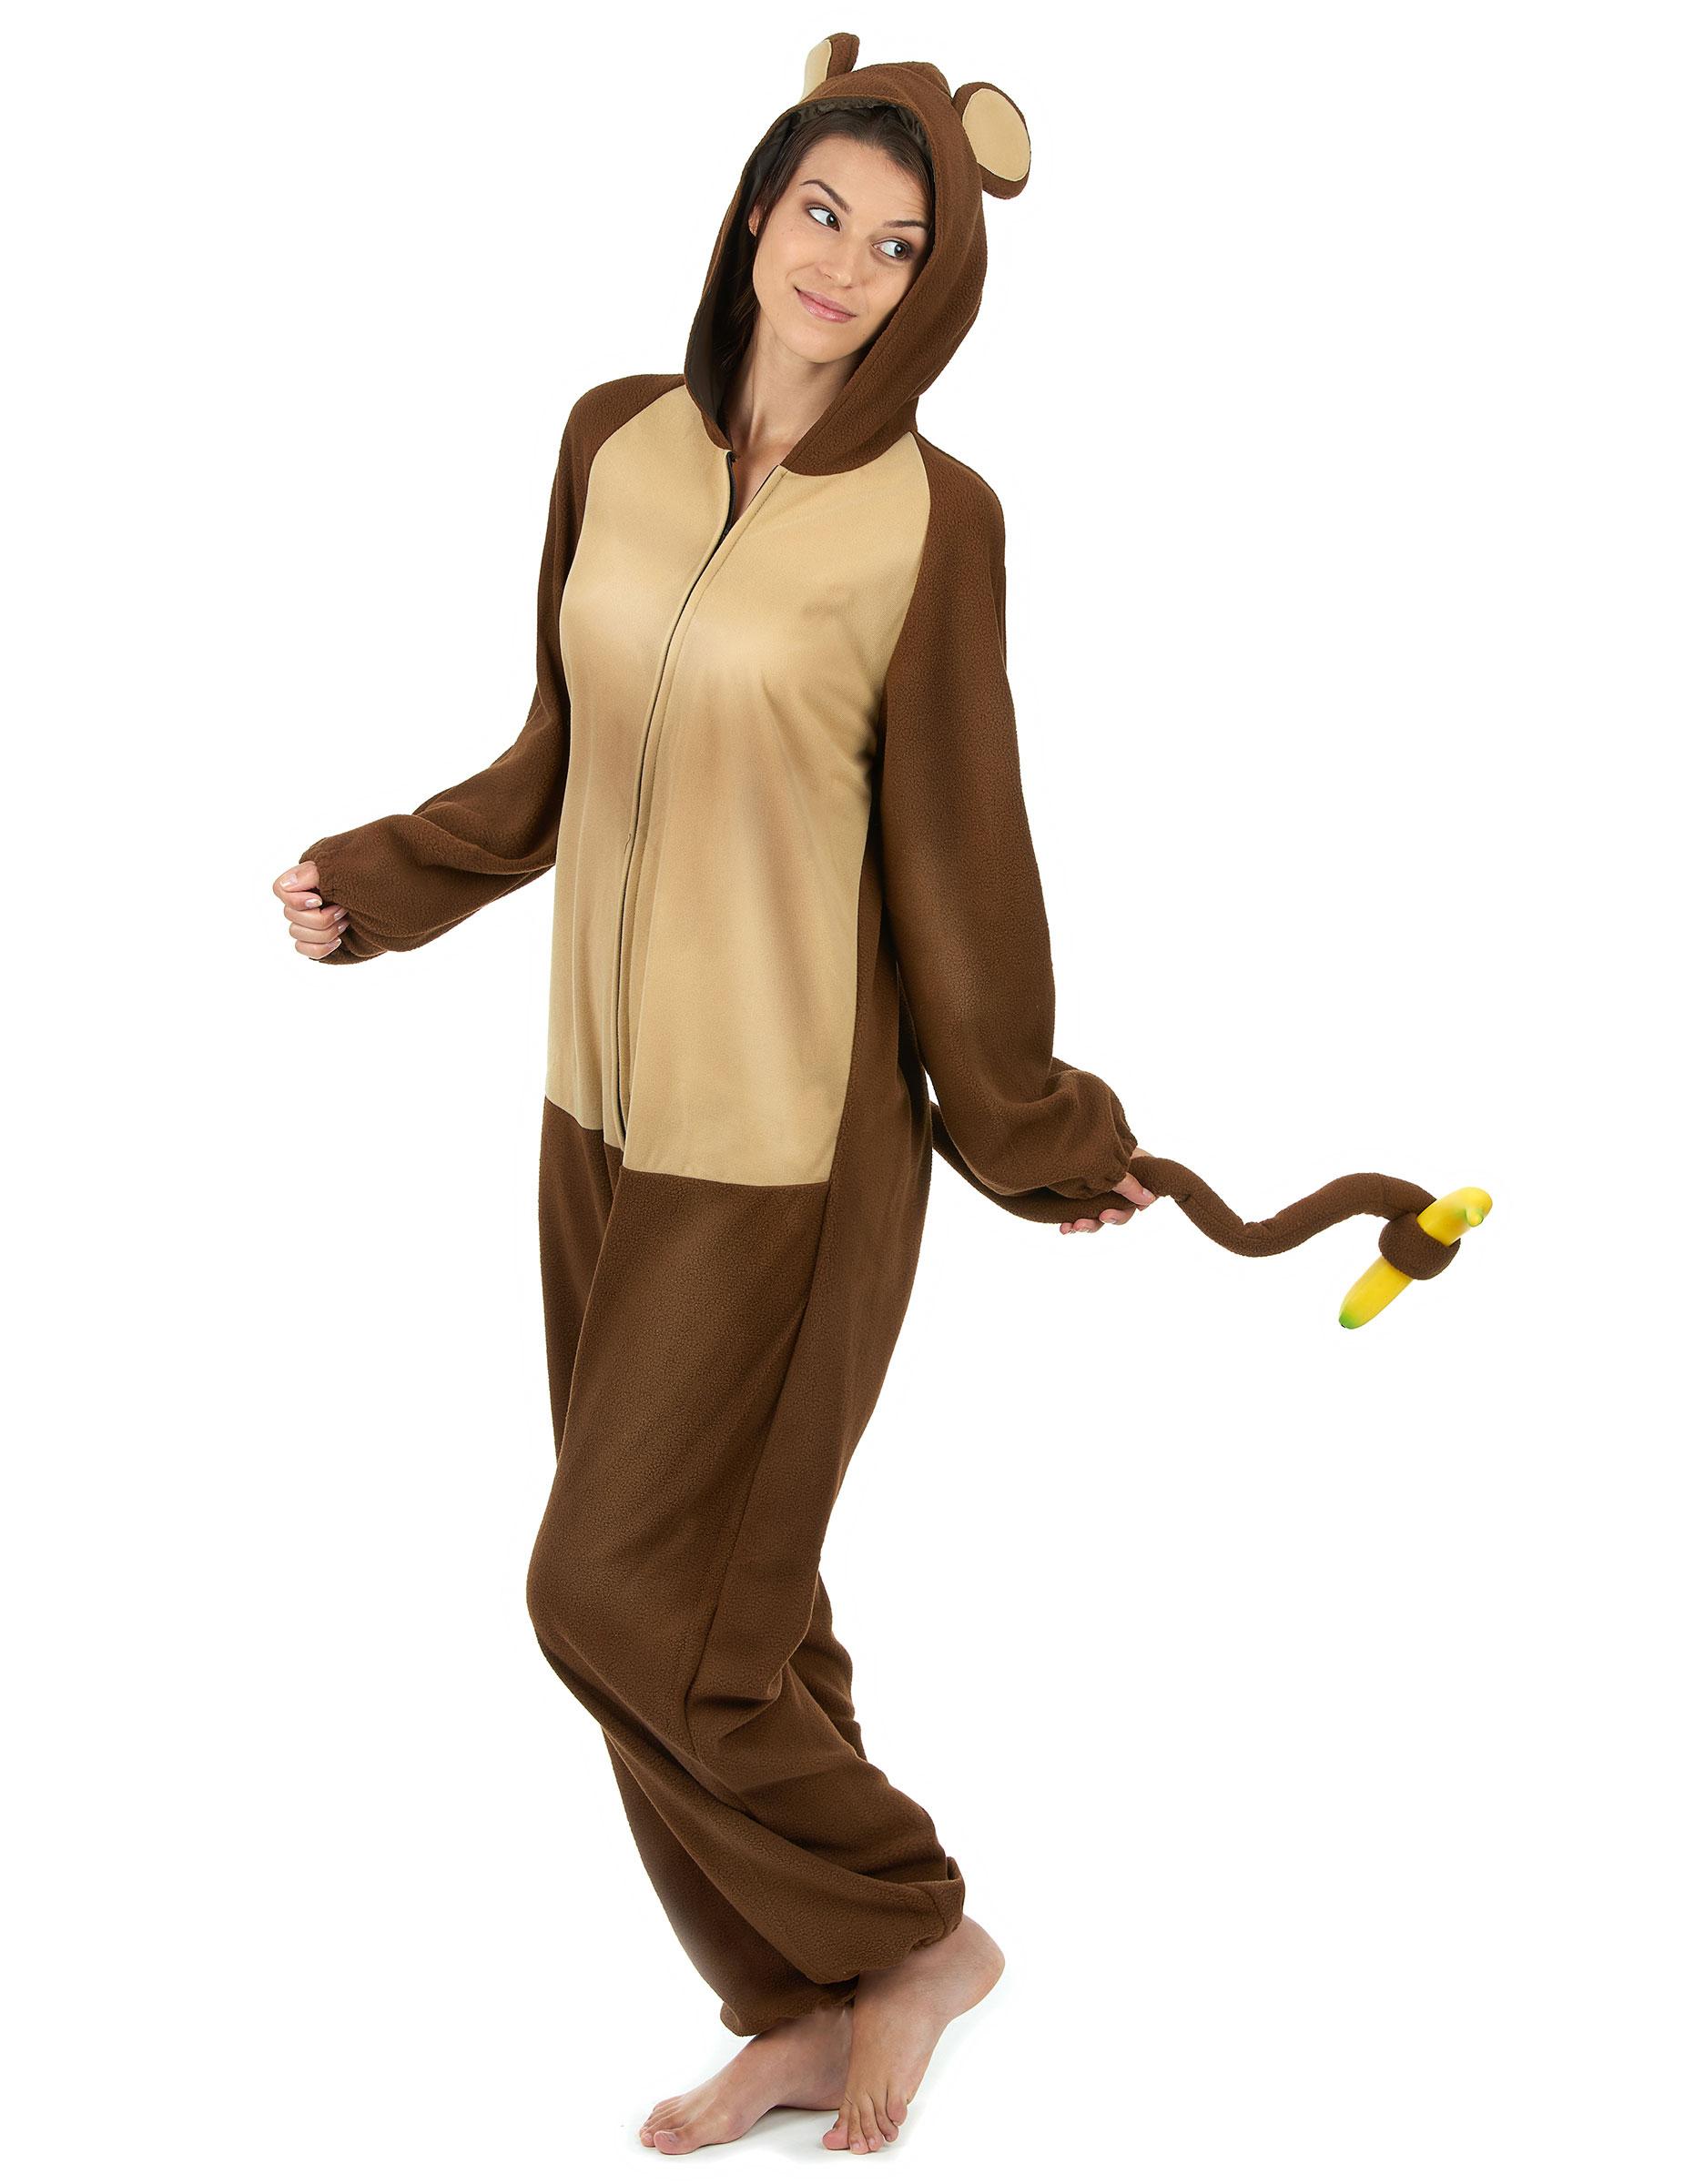 Картинка в костюме обезьянки